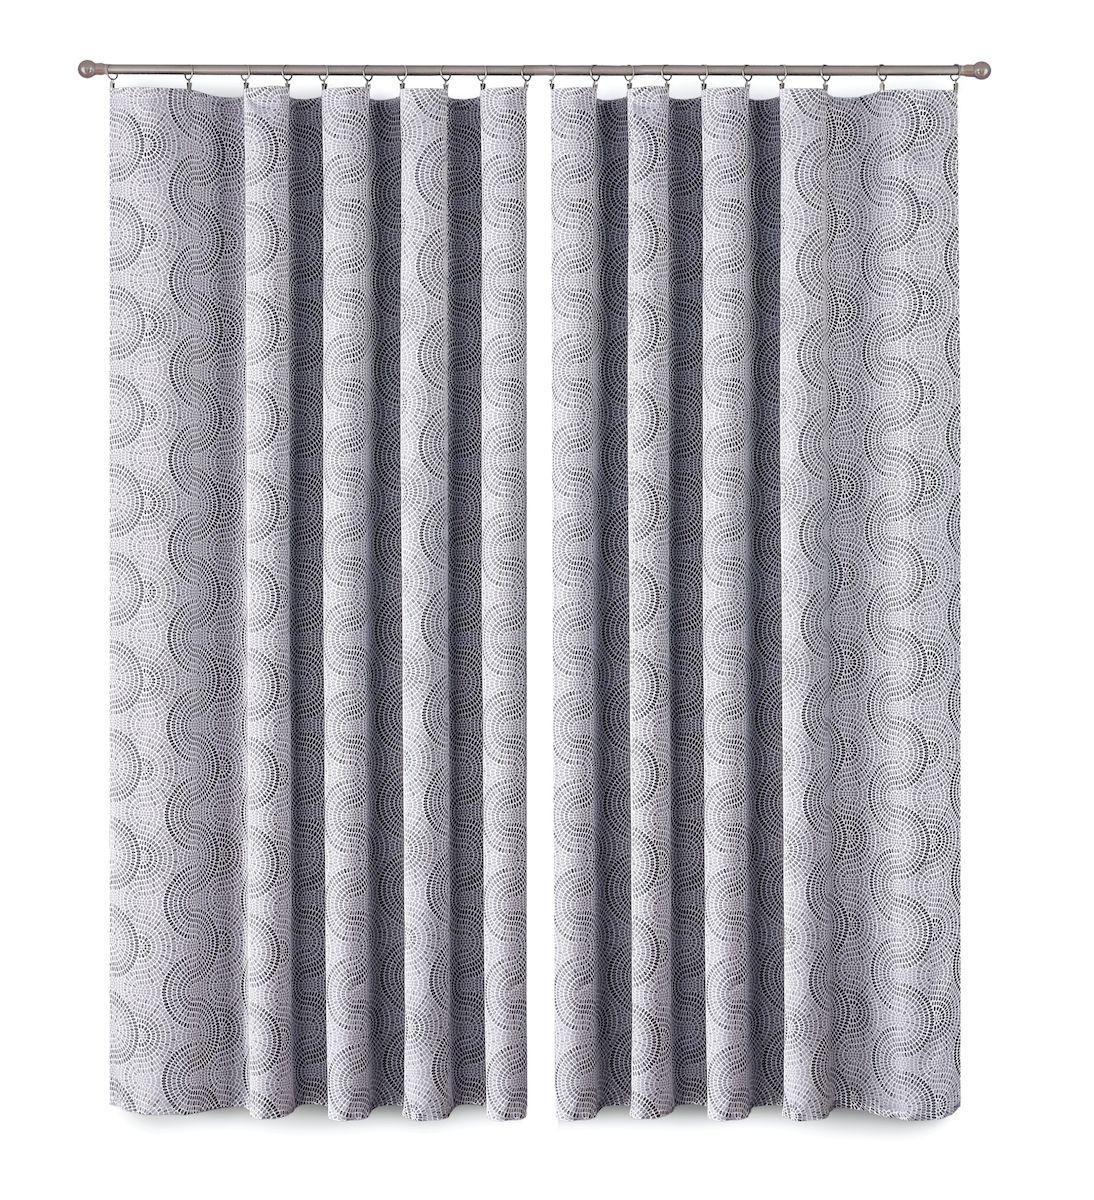 Комплект штор P Primavera Firany, цвет: серый, высота 280 см. 11100271110027Комплект шториз полиэстровой жаккардовой ткани с пришитой шторнойлентой. Размер - ширина 180 см высота 280см. Набор 2 штуки. Цвет серый.Размер: ширина 180 х высота 280